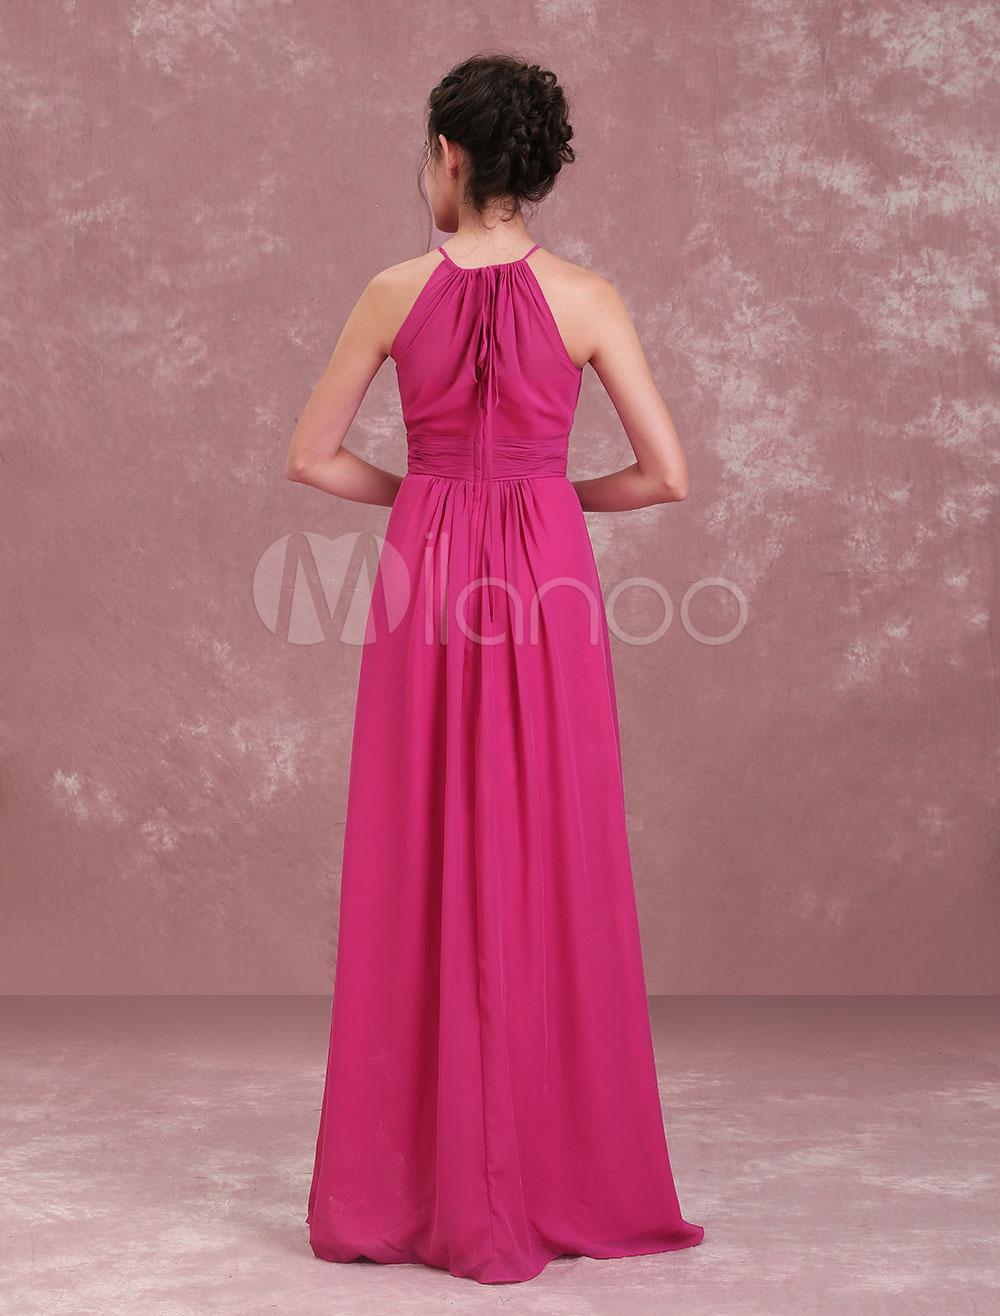 Lujo 80 Vestidos De Dama De Honor Imagen - Colección de Vestidos de ...